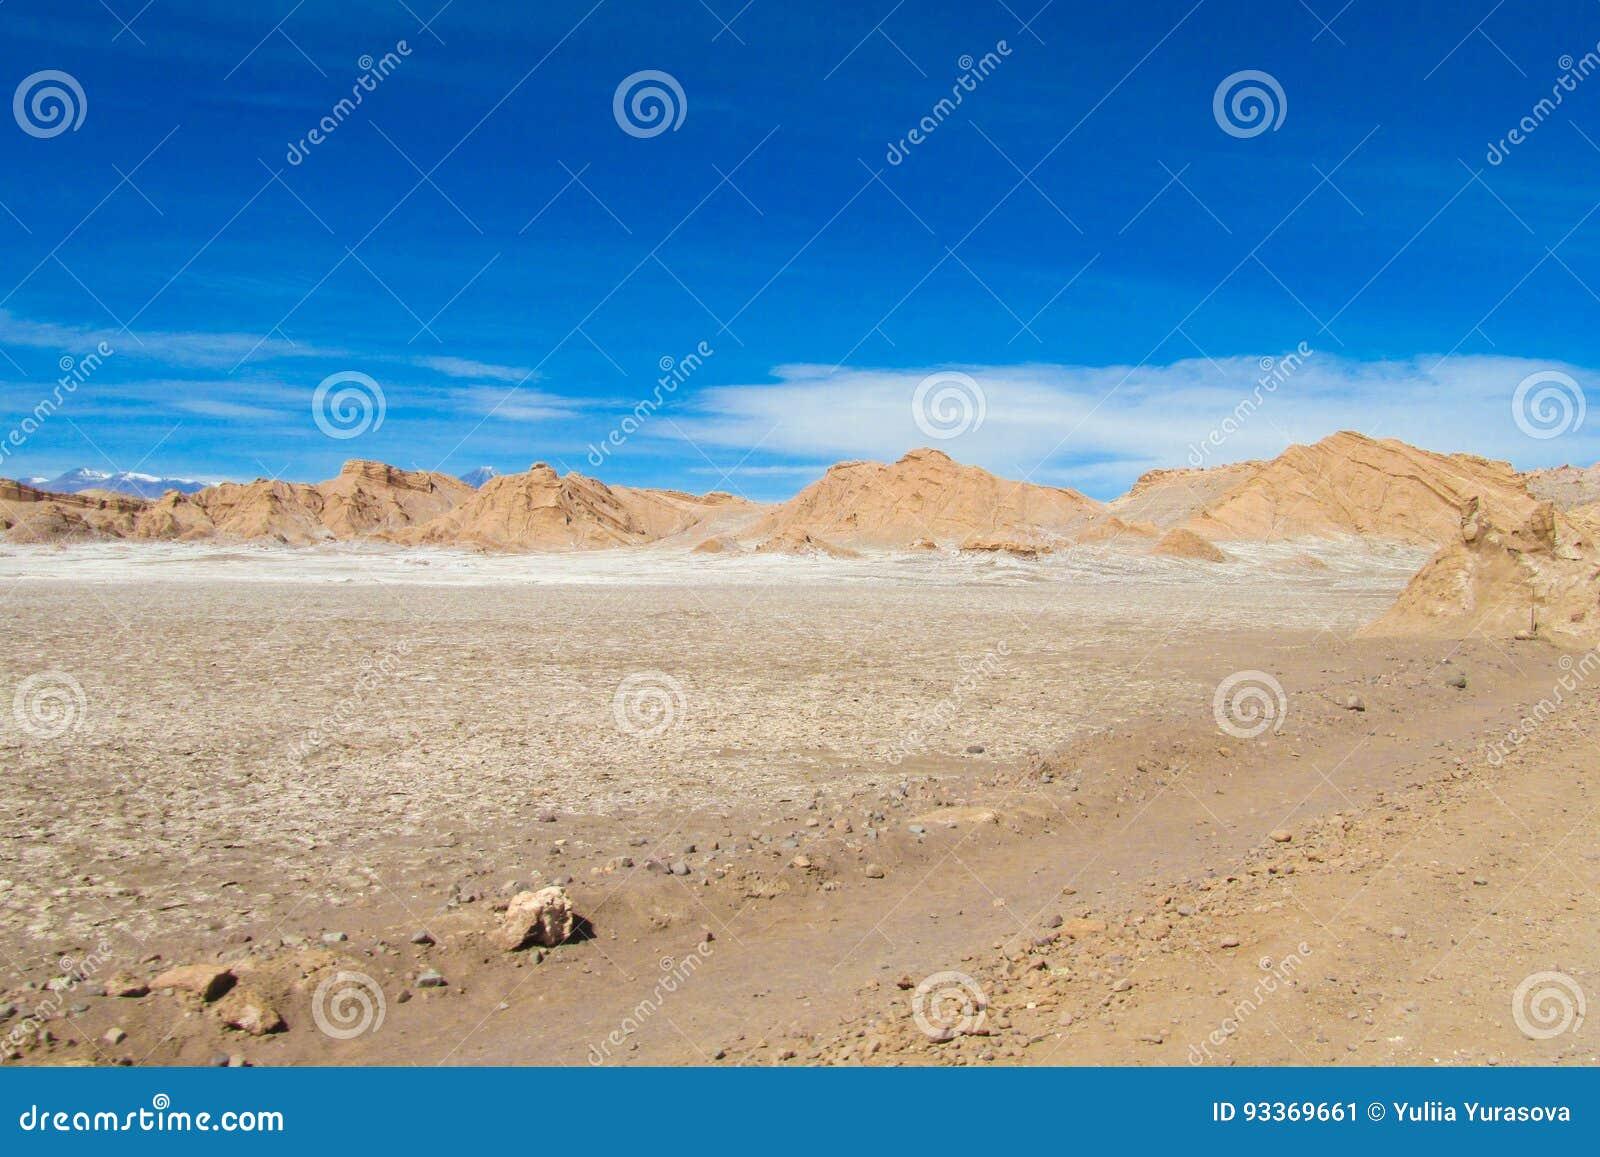 Paisagem árida do deserto de Atacama